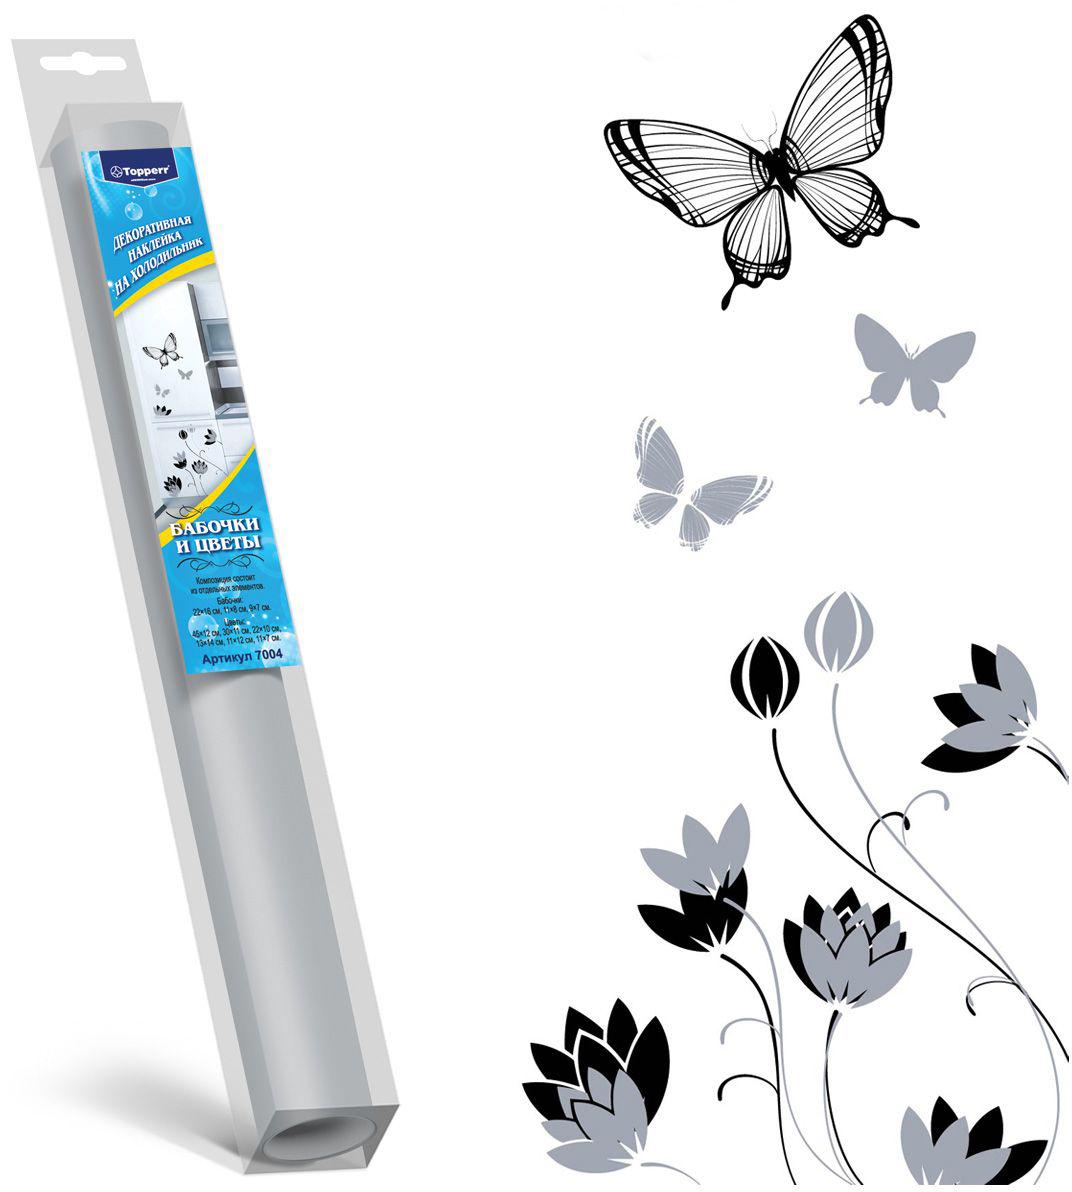 Наклейка для интерьера Topperr Бабочки и цветы7004Наклейка для стен и предметов интерьера Topperr Бабочки и цветы, изготовленная из экологически безопасной самоклеящейся виниловой пленки -это удивительно простой и быстрый способ оживить интерьер помещения. Композиция состоит из отдельных элементов. Интерьерные наклейки дадут вам вдохновение, которое изменит вашу жизнь и поможет погрузиться в мир ярких красок, фантазий и творчества. Для васоткрываются безграничные возможности придумать оригинальный дизайн и придать новый вид стенам и мебели. Наклейки абсолютно безопасны дляздоровья. Они быстро и легко наклеиваются на любые ровные поверхности: стены, окна, двери, кафельную плитку, виниловые и флизелиновые обои, стекла,мебель. При необходимости удобно снимаются, не оставляют следов и не повреждают поверхность (кроме бумажных обоев). Наклейка Topperr Бабочки и цветы поможет вам изменить интерьер вокруг себя: в детской комнате и гостиной, на кухне и в прихожей, витрину кафе и магазина, детский садик и офис. Размеры элементов: - бабочки: 22 х 16 см, 11 х 8 см, 9 х 7 см, - цветы: 45 х 12 см, 30 х 11 см, 22 х 10 см, 13 х 14 см, 11 х 12 см, 11 х 7 см.